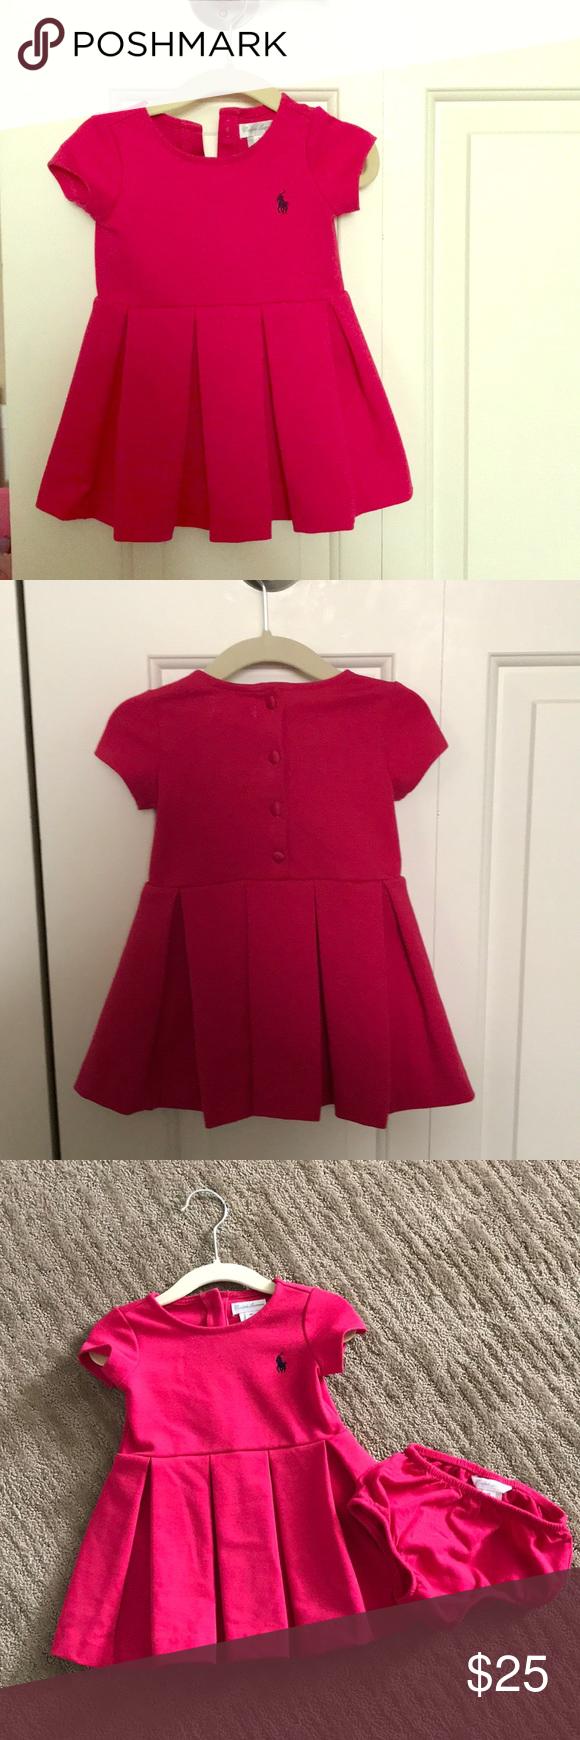 Hot pink color dress  Ralph Lauren hot pink baby dress m  My Posh Picks  Pinterest